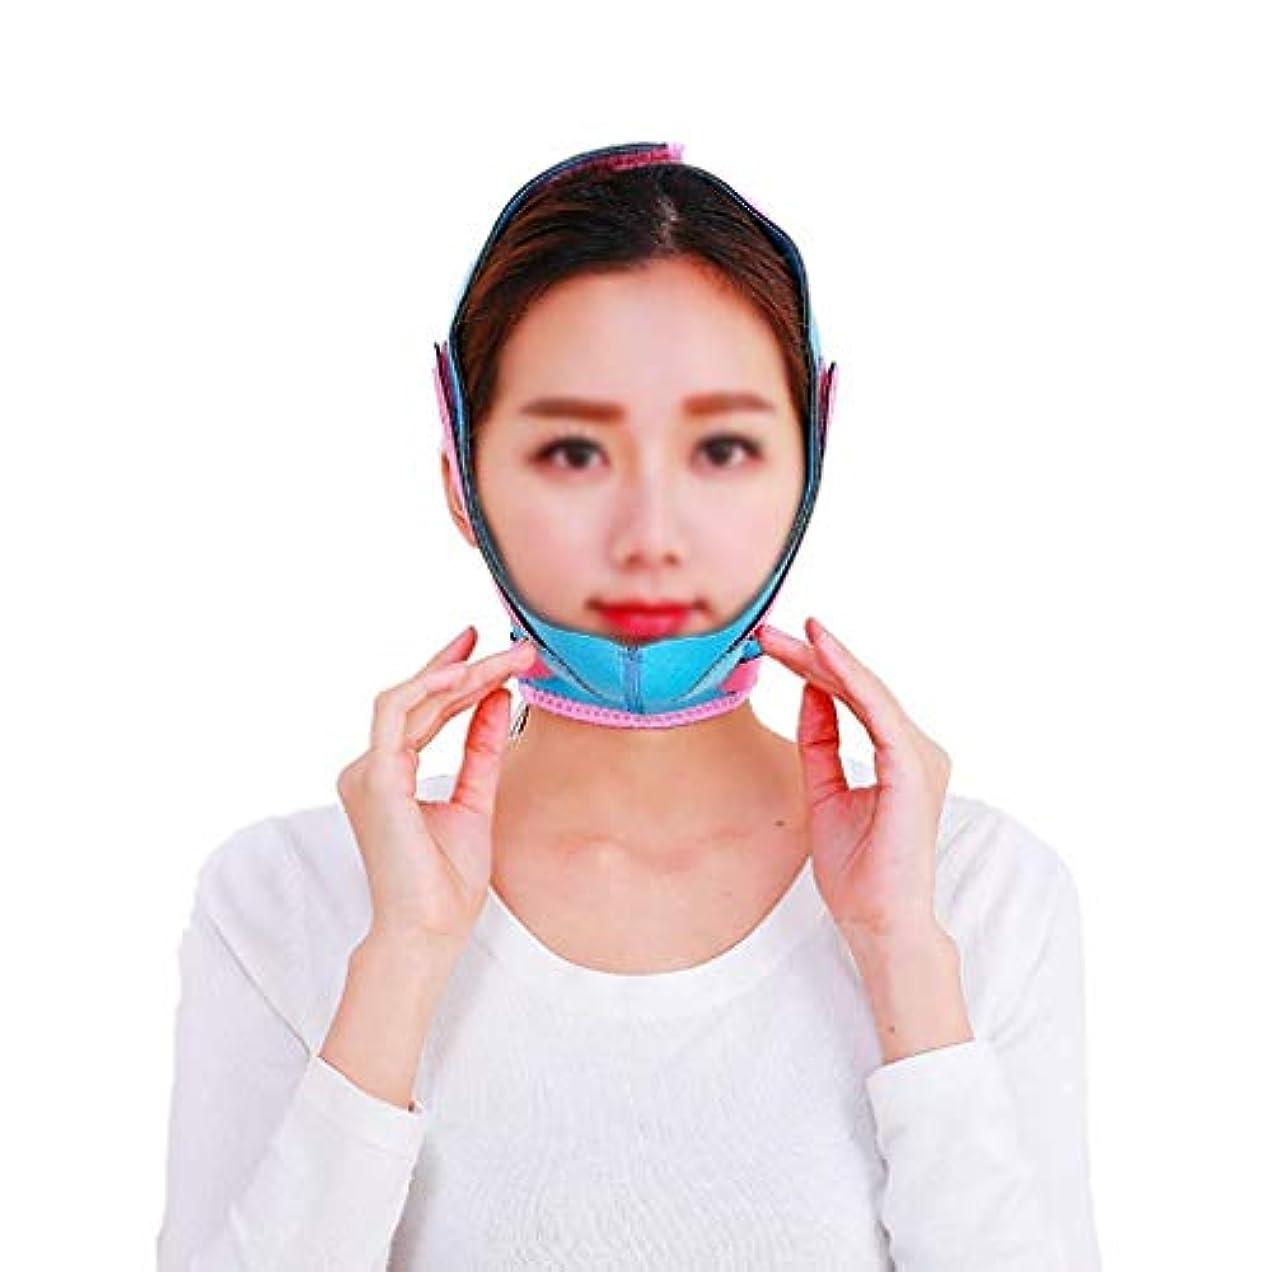 区別締めるストレージ顔と首のリフト、男性と女性のフェイスリフトアーティファクトシュリンクマスクを強化輪郭の救済ドループ筋肉引き締め肌弾性V顔包帯